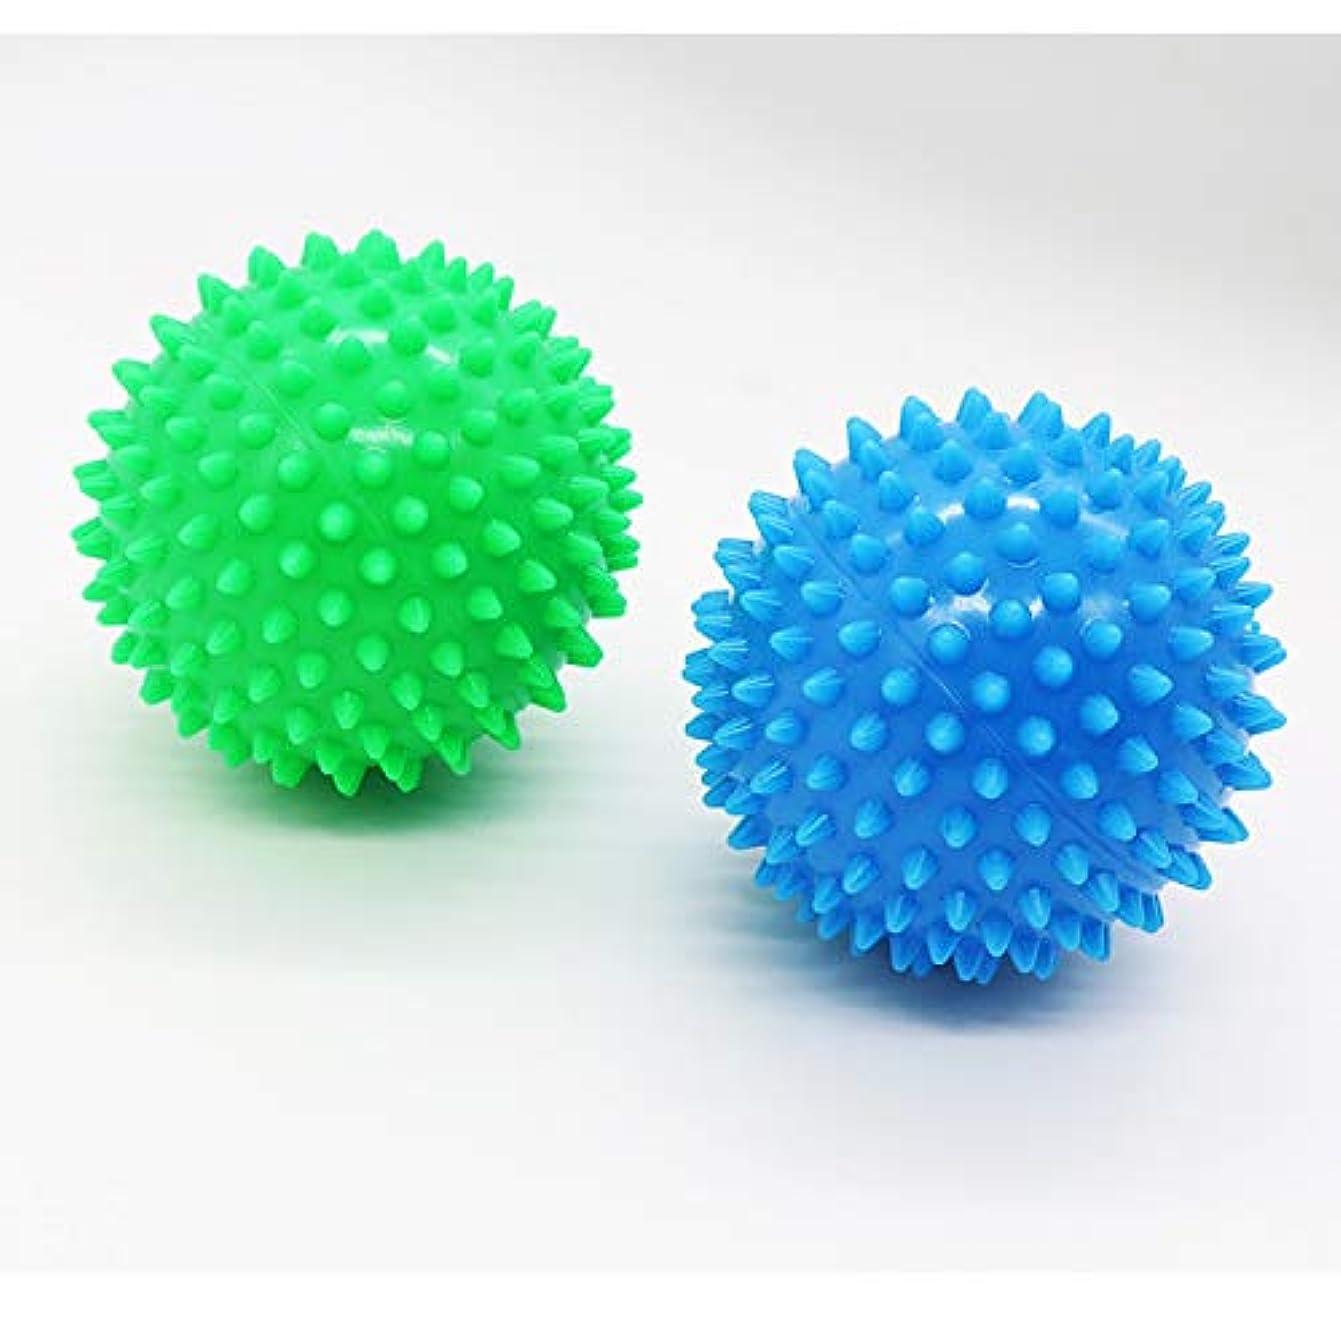 ナサニエル区並外れて代替Dreecy マッサージボール(2個セット)触覚ボール リフレックスボール トレーニングボール  ポイントマッサージ 筋筋膜リリース 筋肉緊張和らげ 血液循環促進 9cm(青+緑)